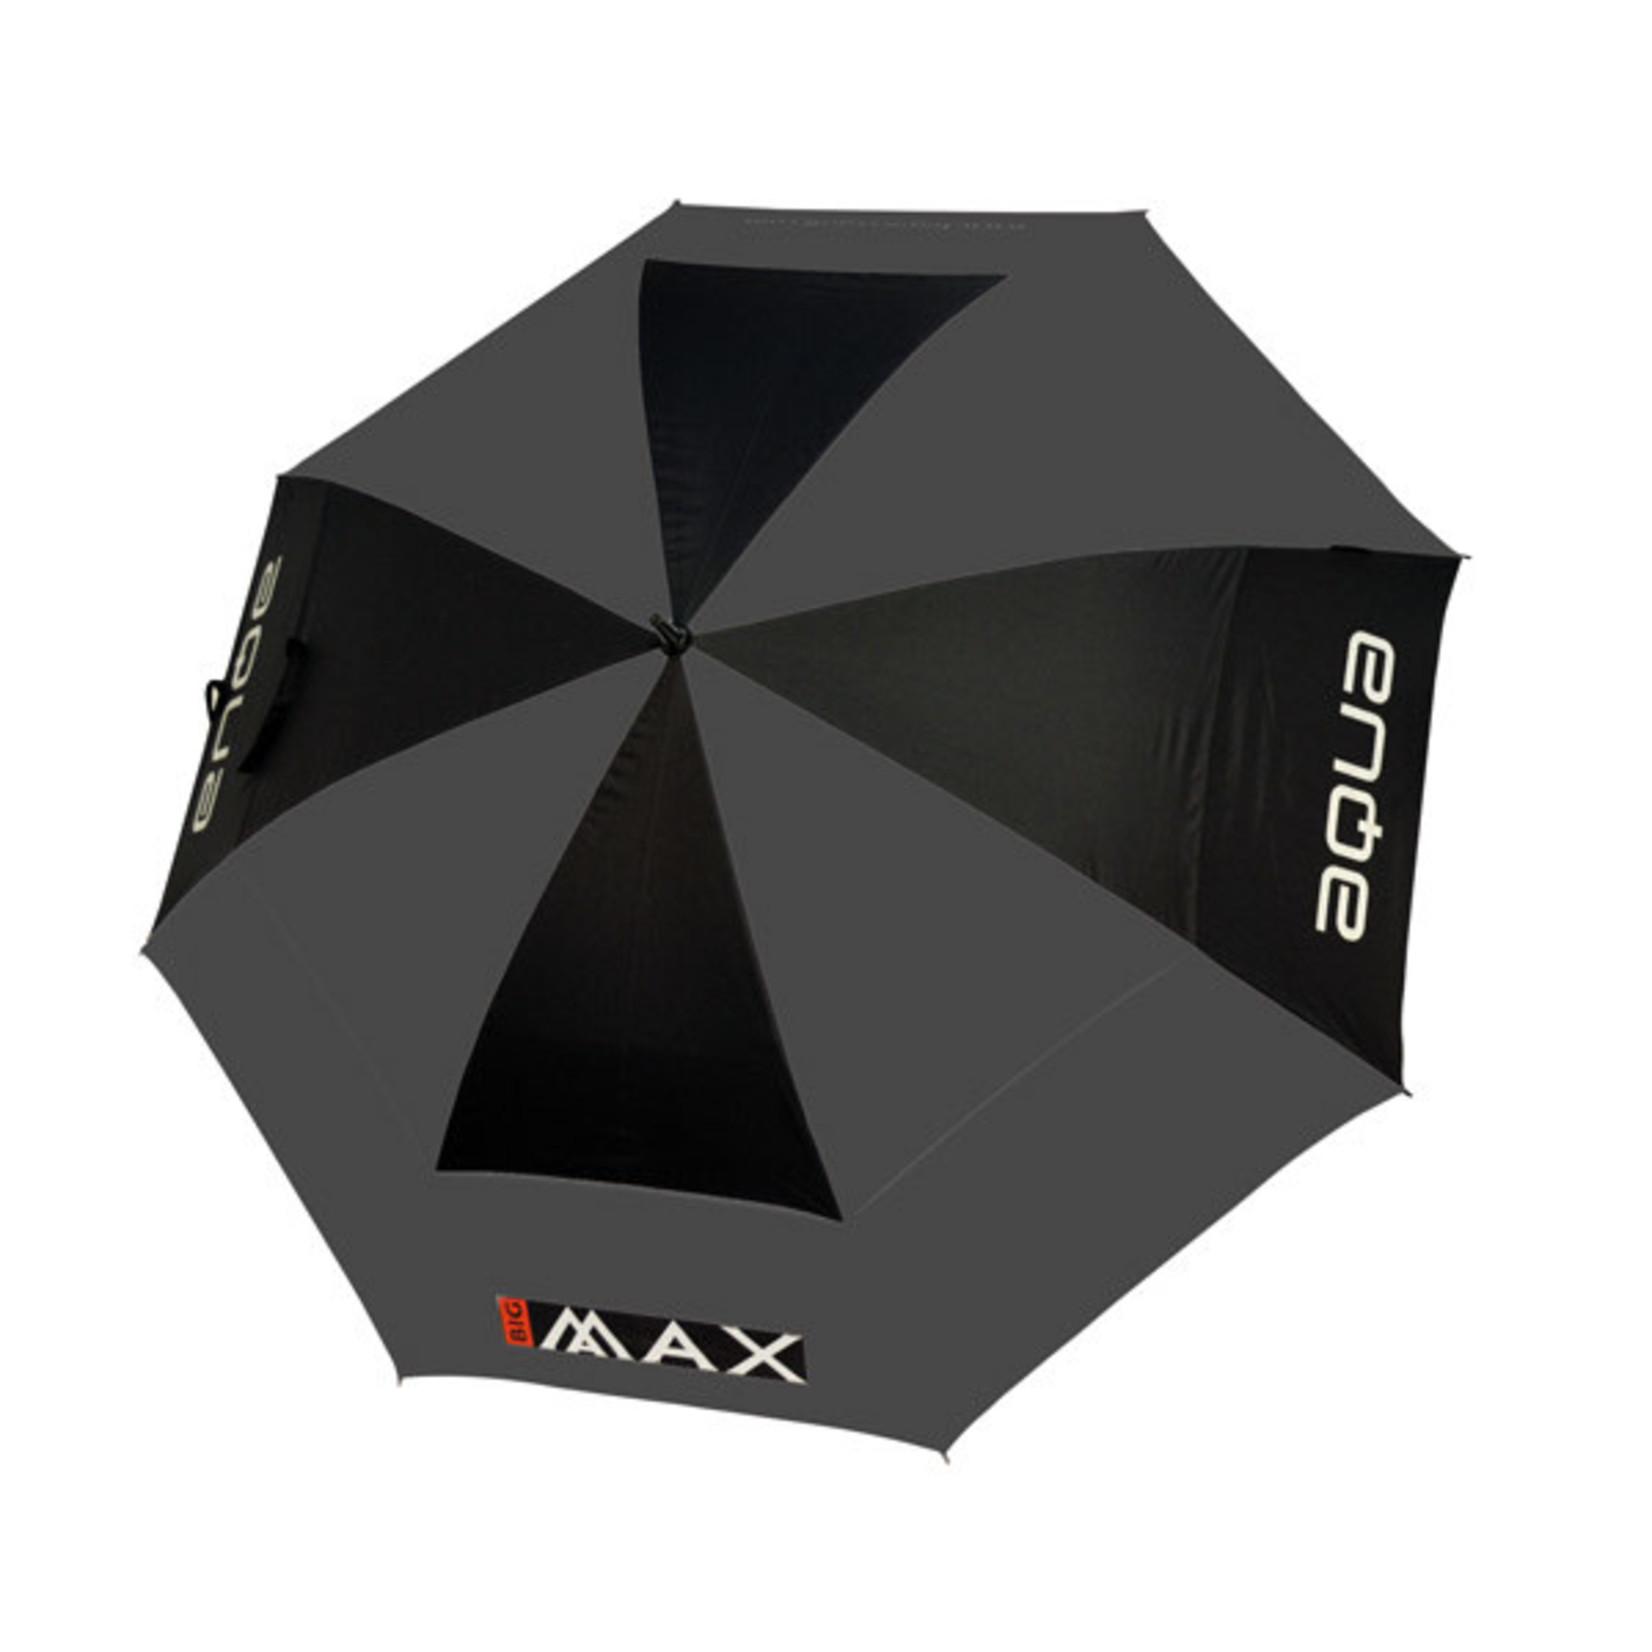 Big Max Big Max Aqua UV Umbrella XL